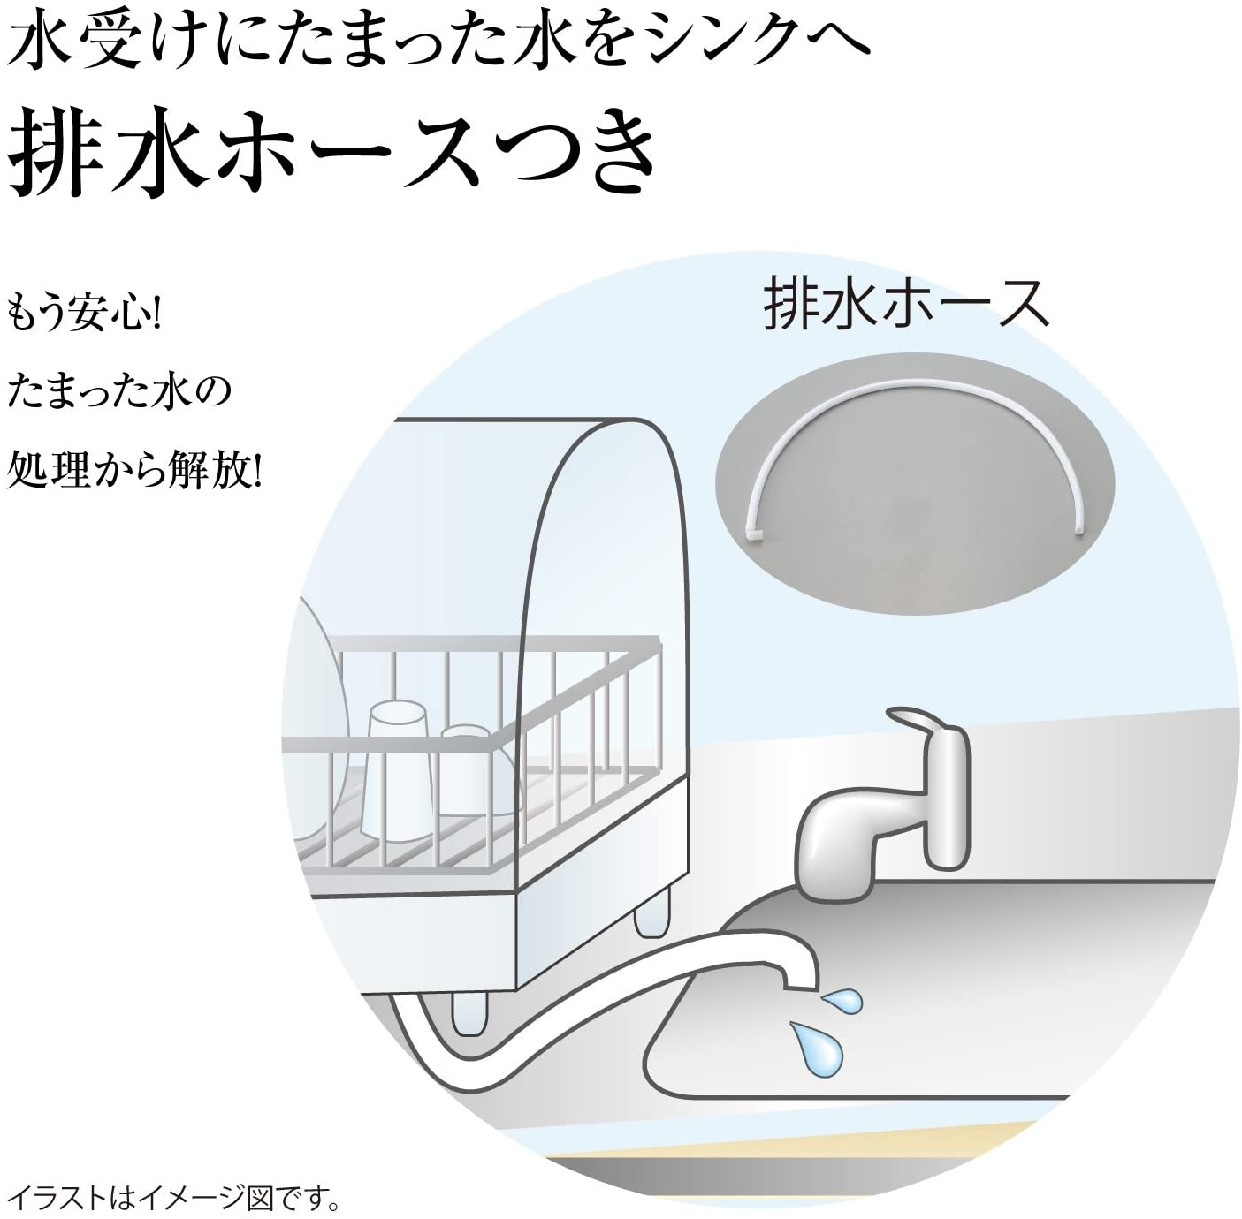 象印(ZOJIRUSHI) 食器乾燥機 EY-JE50の商品画像4